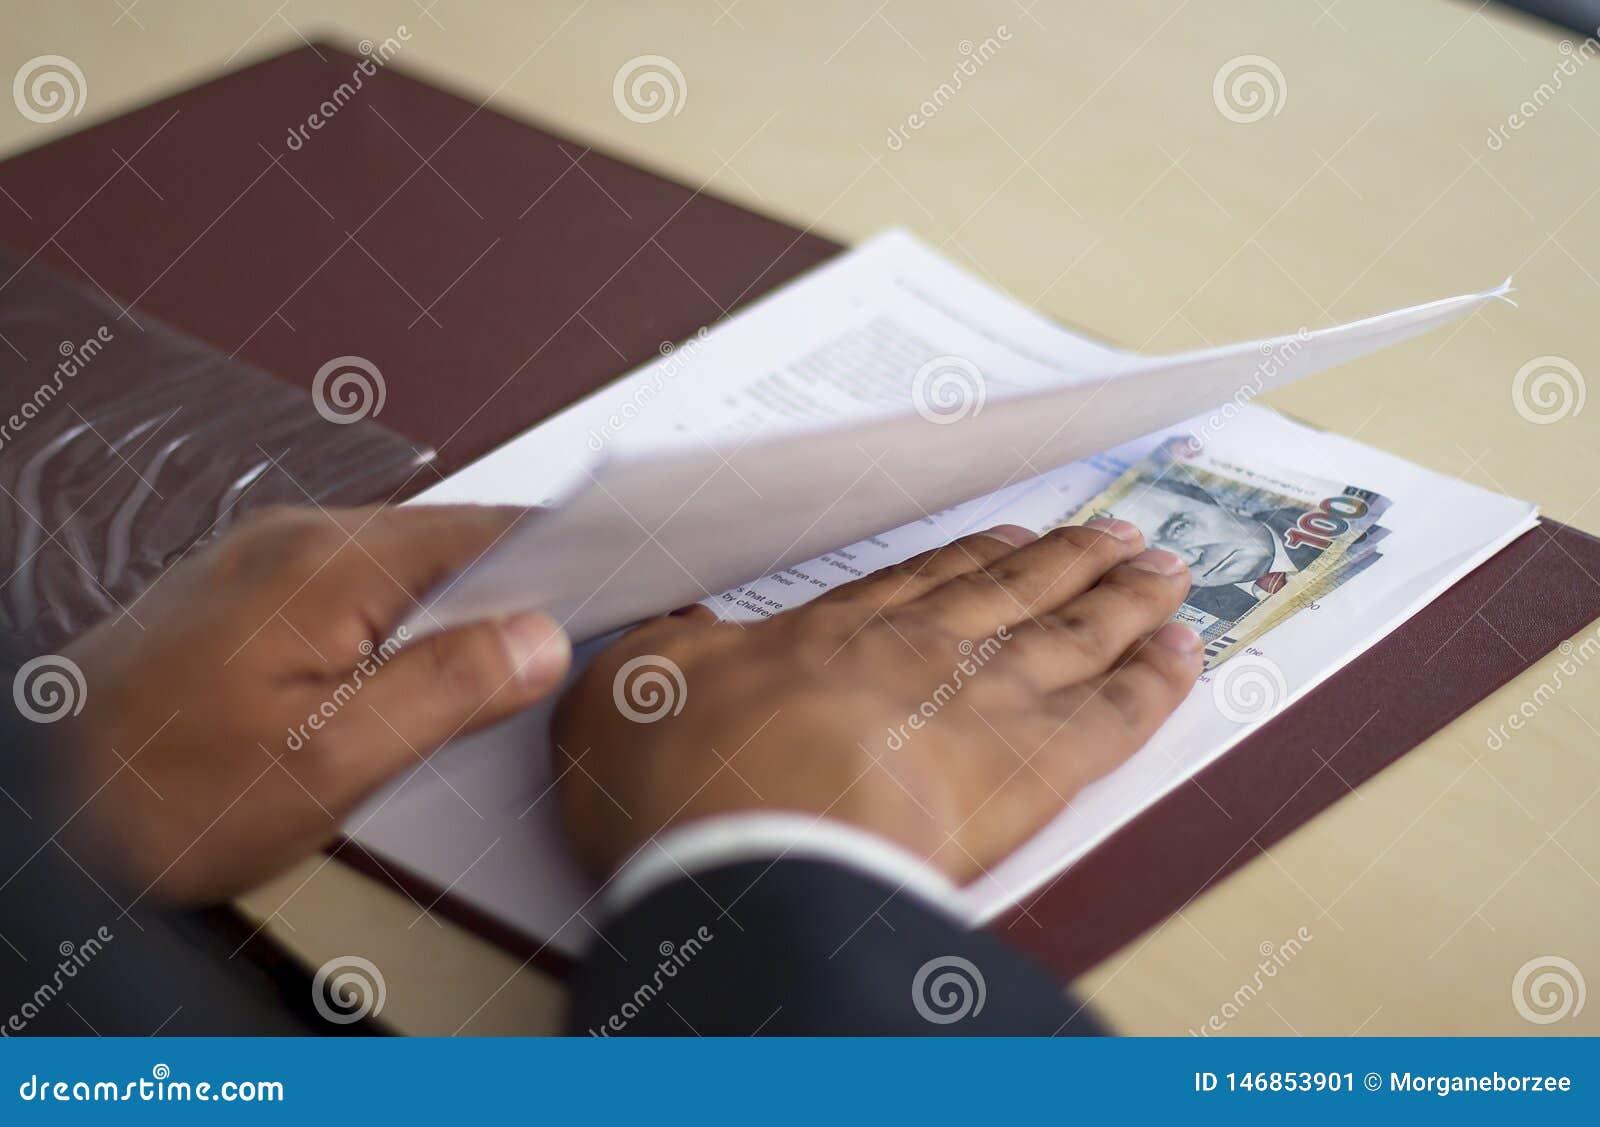 Mensen verbergende steekpenning in het kader van sommige documenten, Peruviaans geld